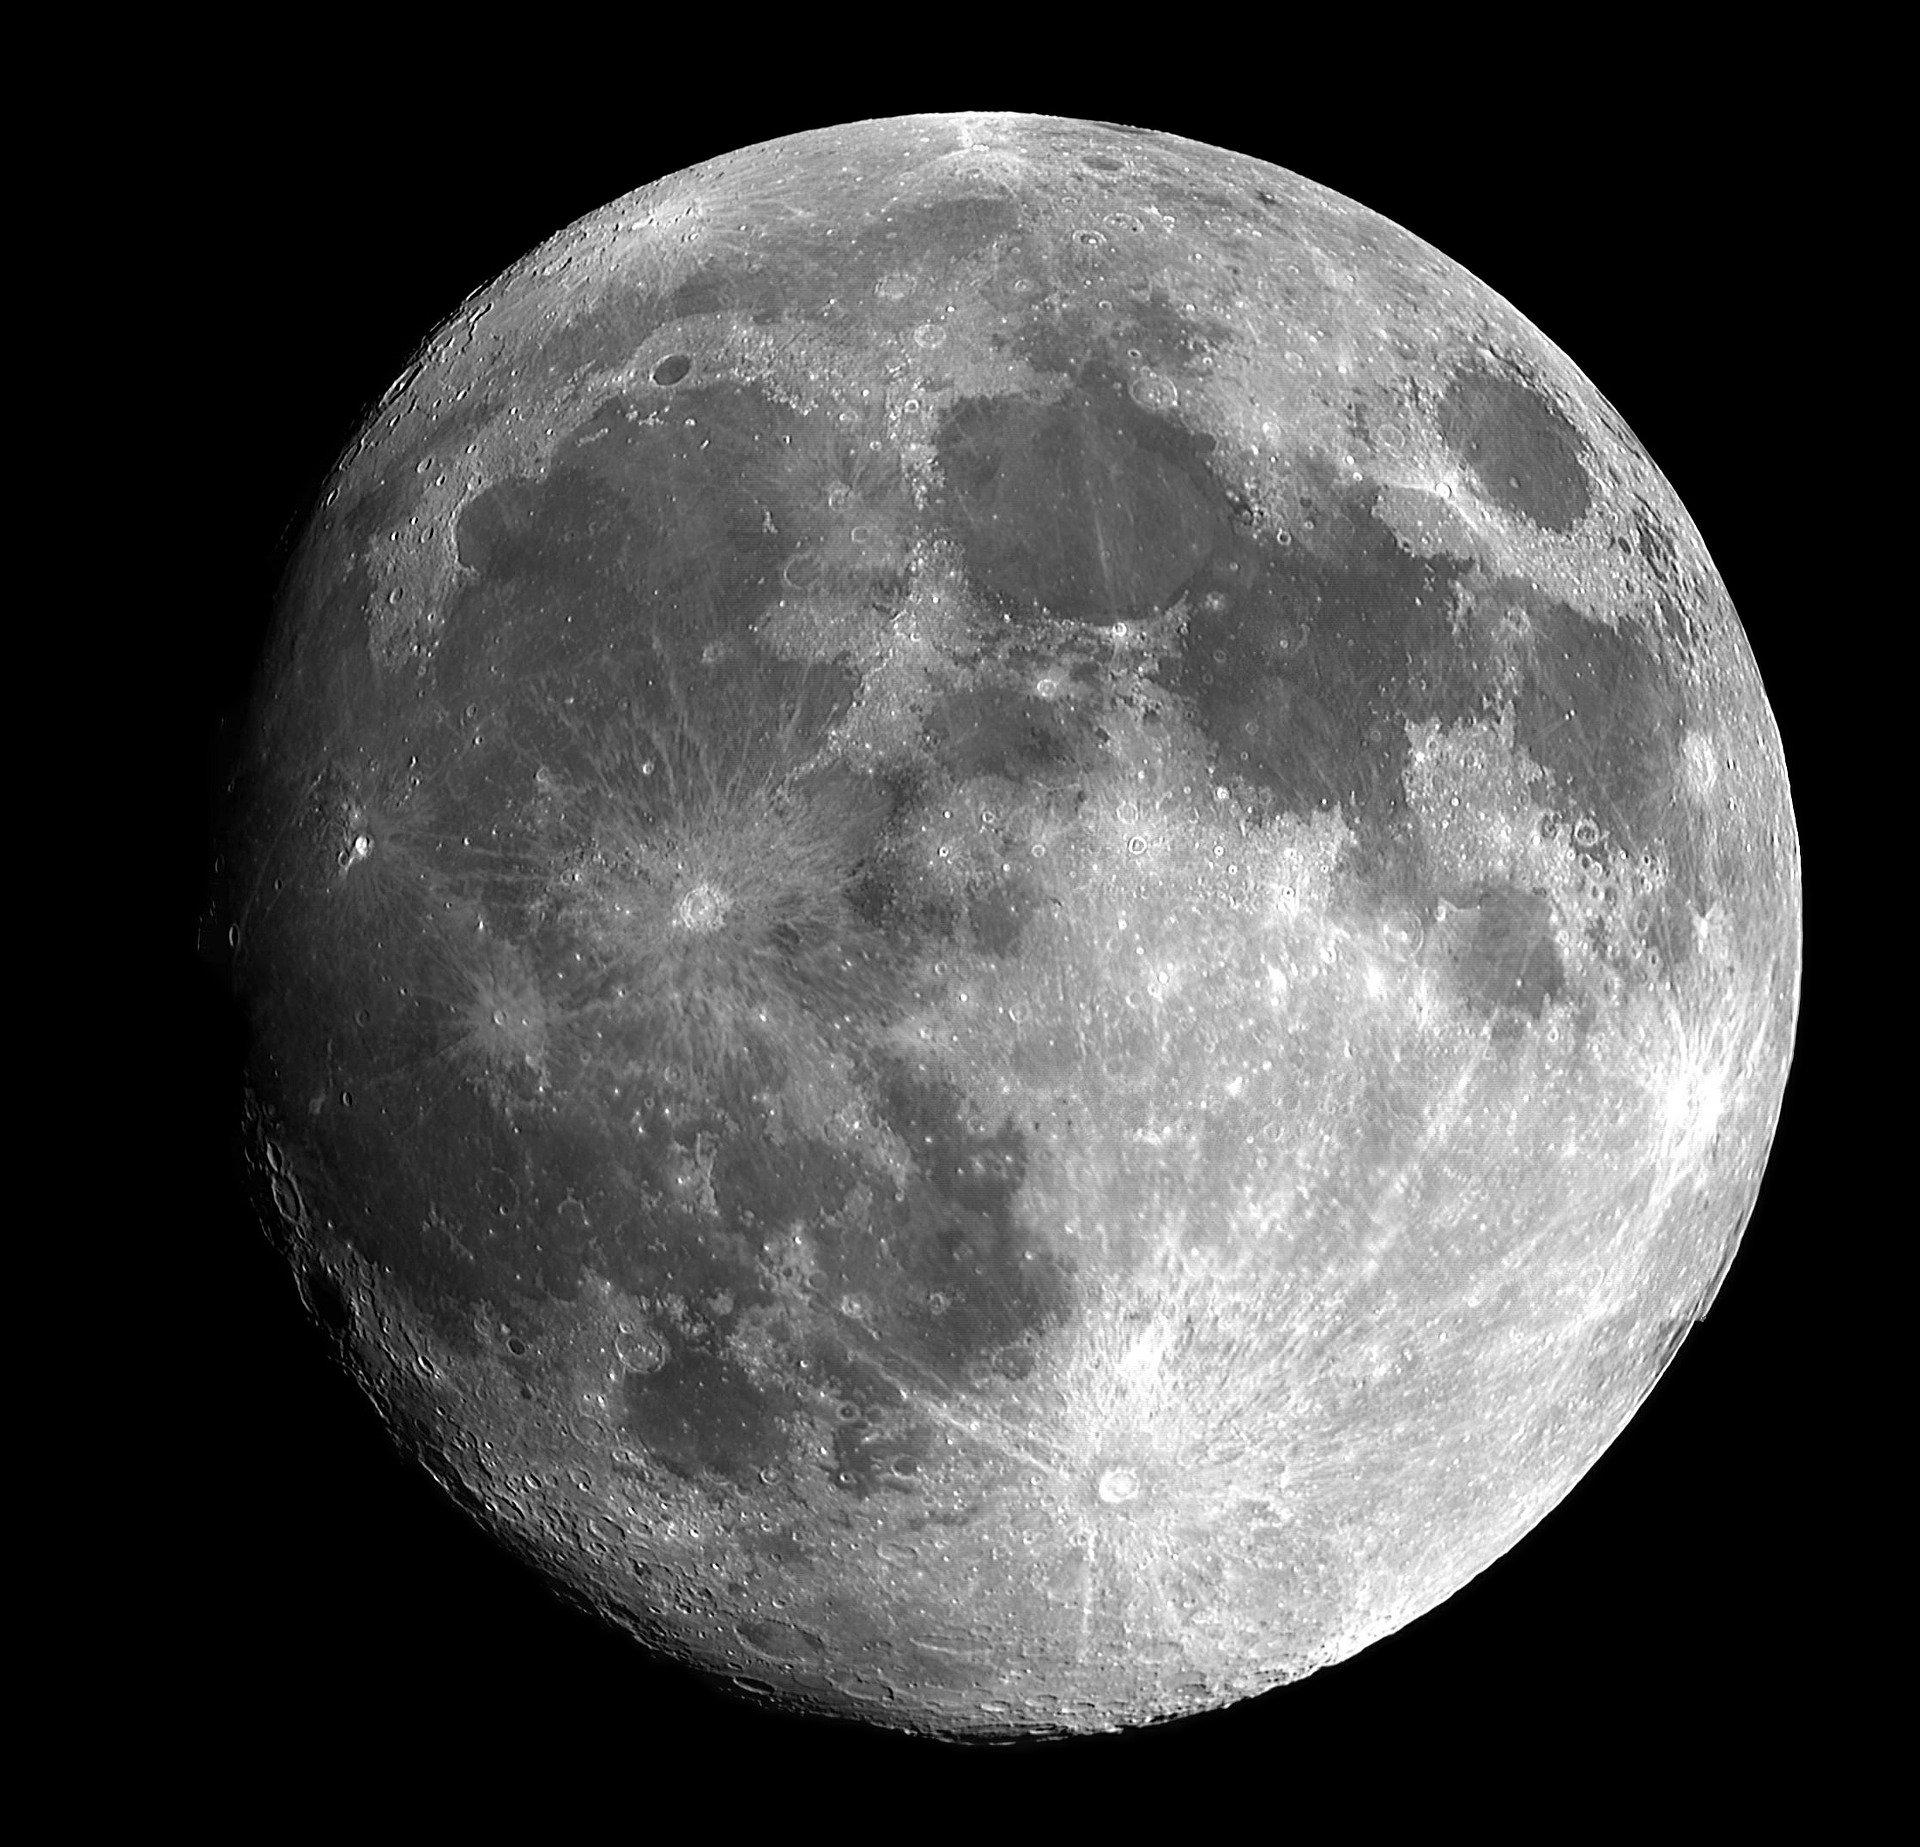 full-moon-496873_1920.jpg